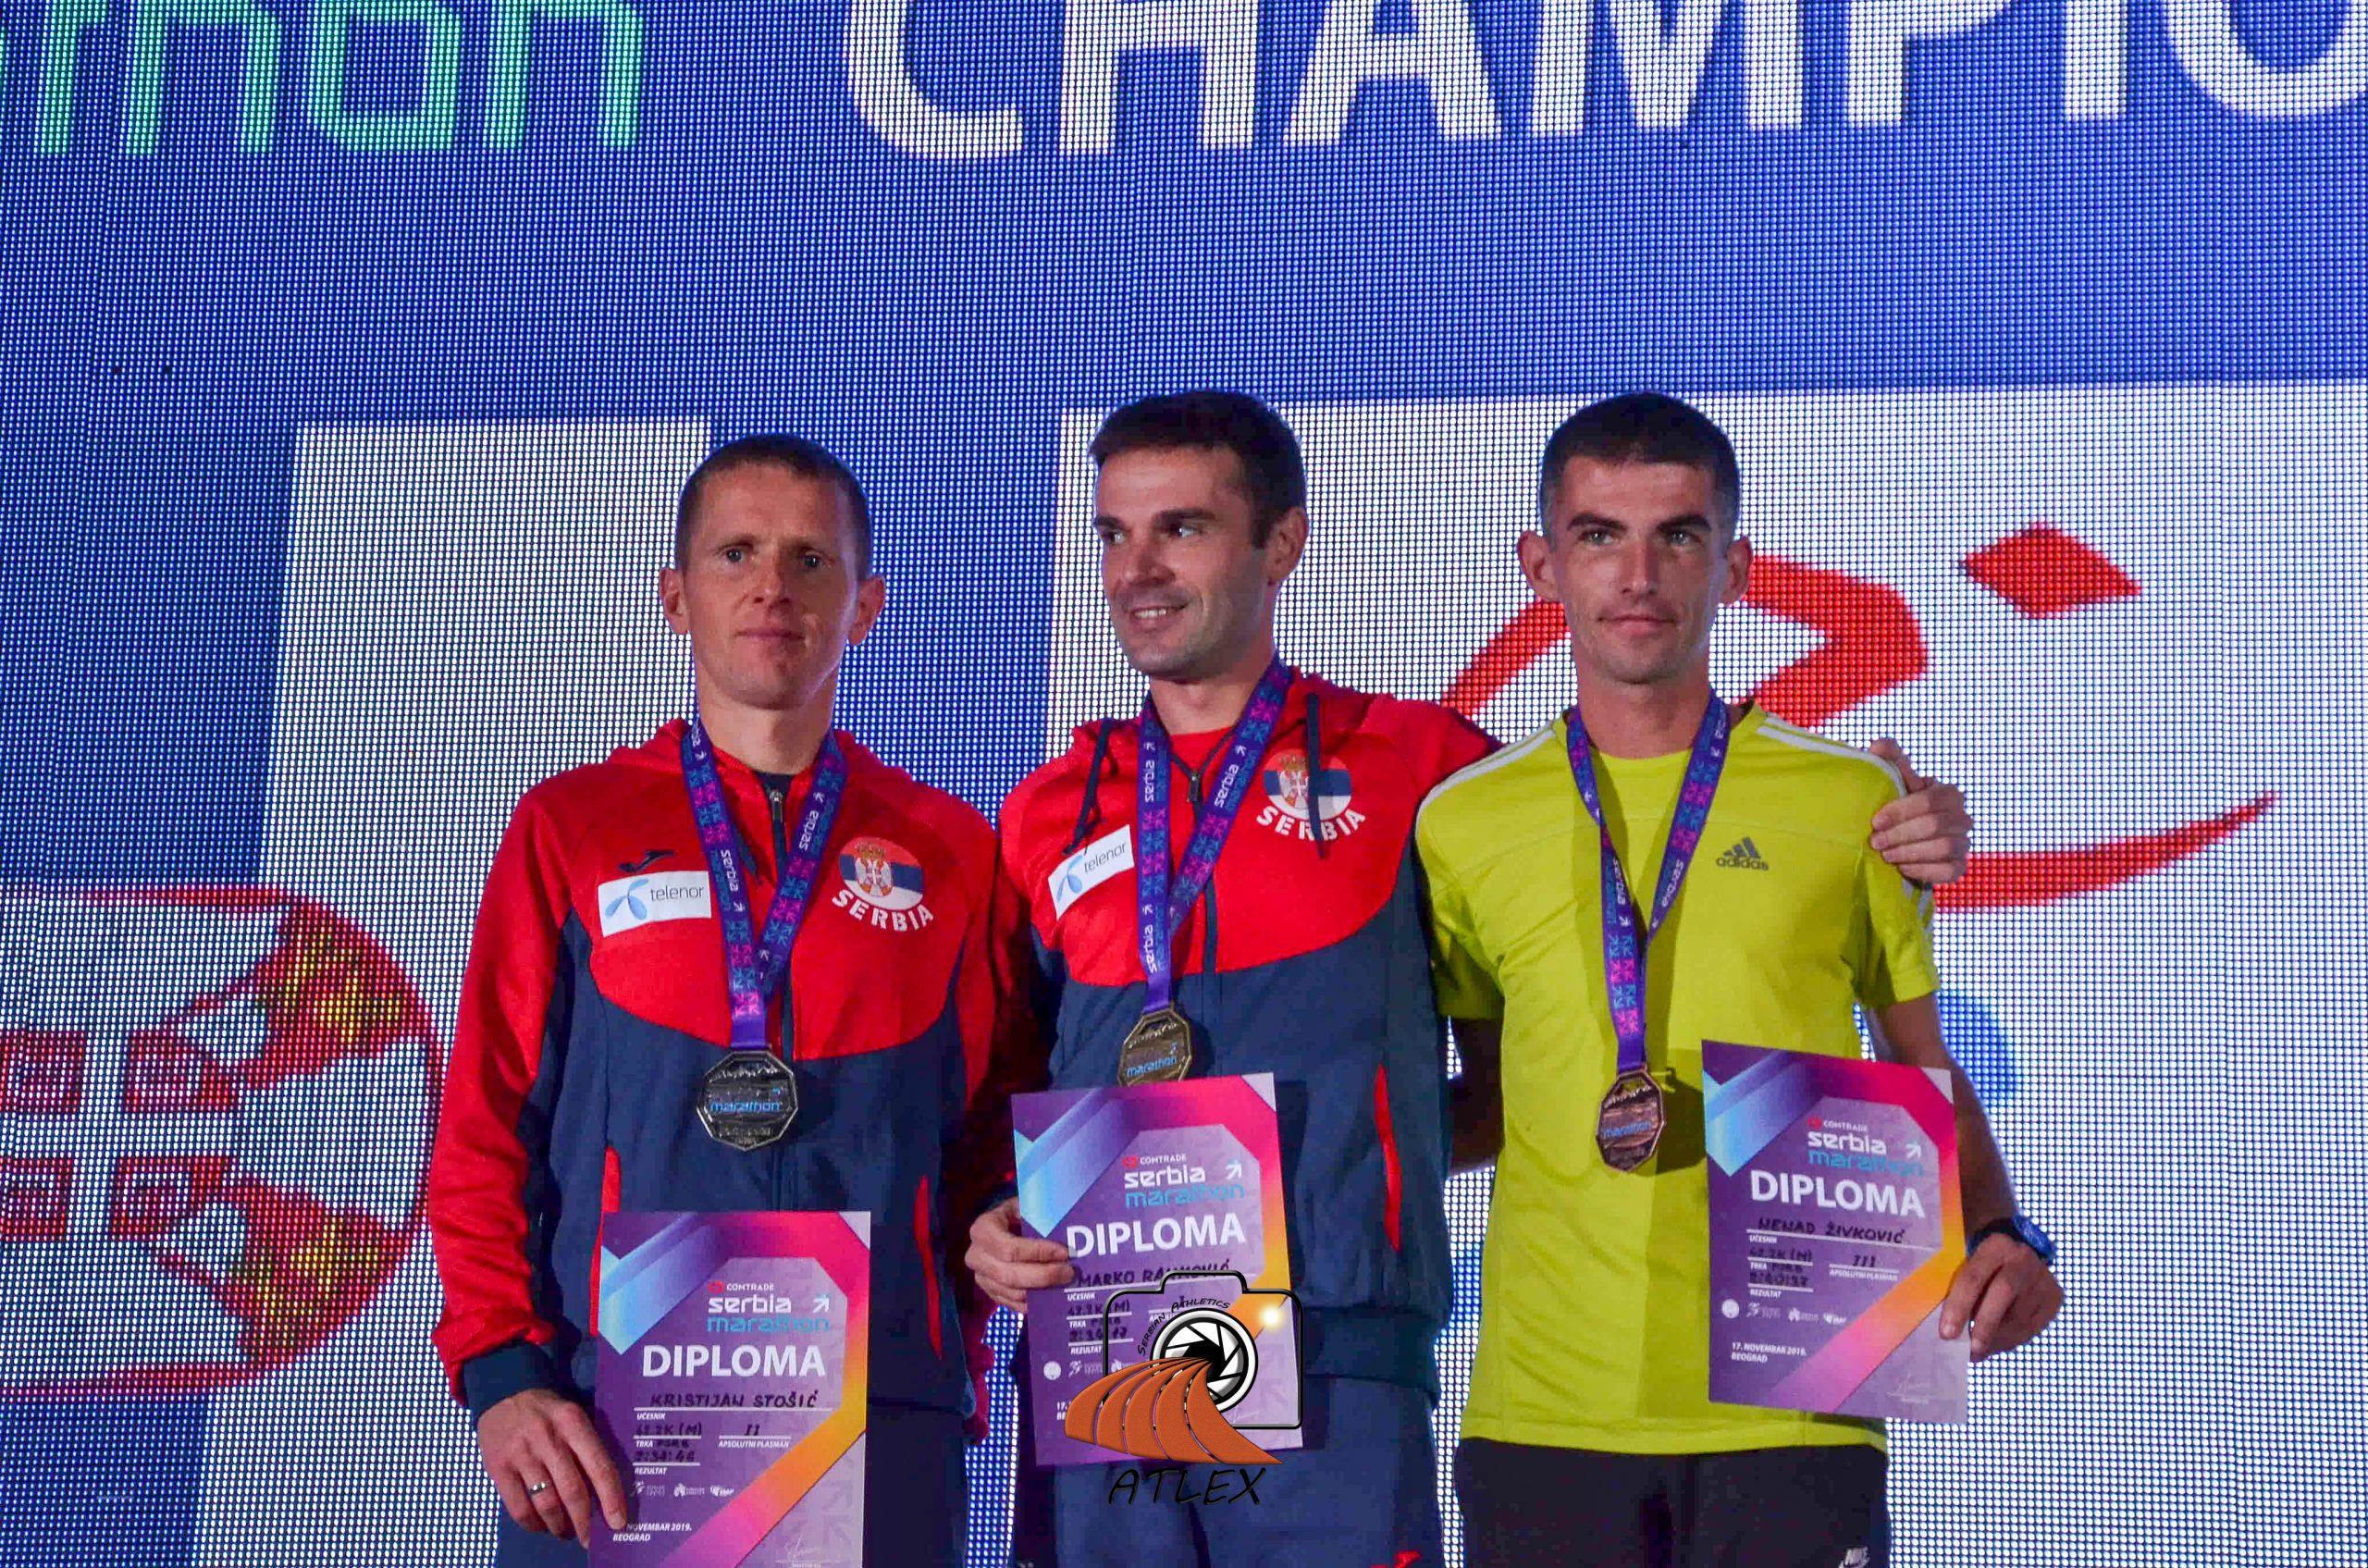 Prvi Comtrade Serbia Marathon, šampioni Srbije u maratonu: Kristijan Stošić, Marko Ranković, Nenad Živković;